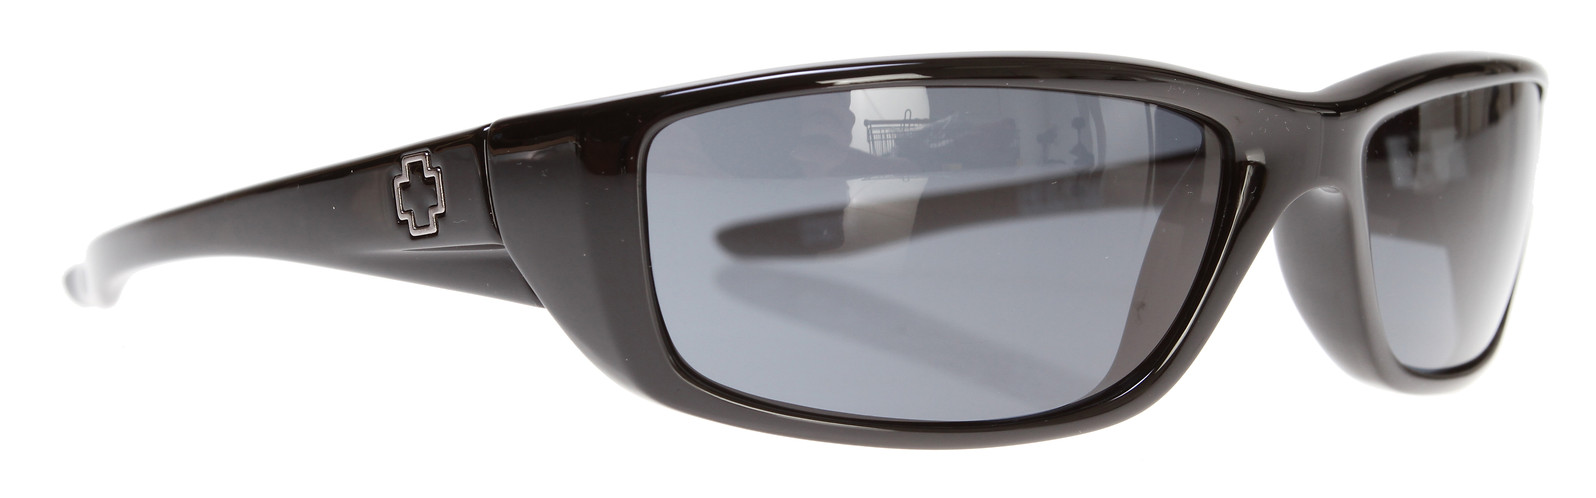 e73b0ebe54a1e Spy Optic Spy Curtis Sunglasses Shiny Black Grey Lens - Reviews ...